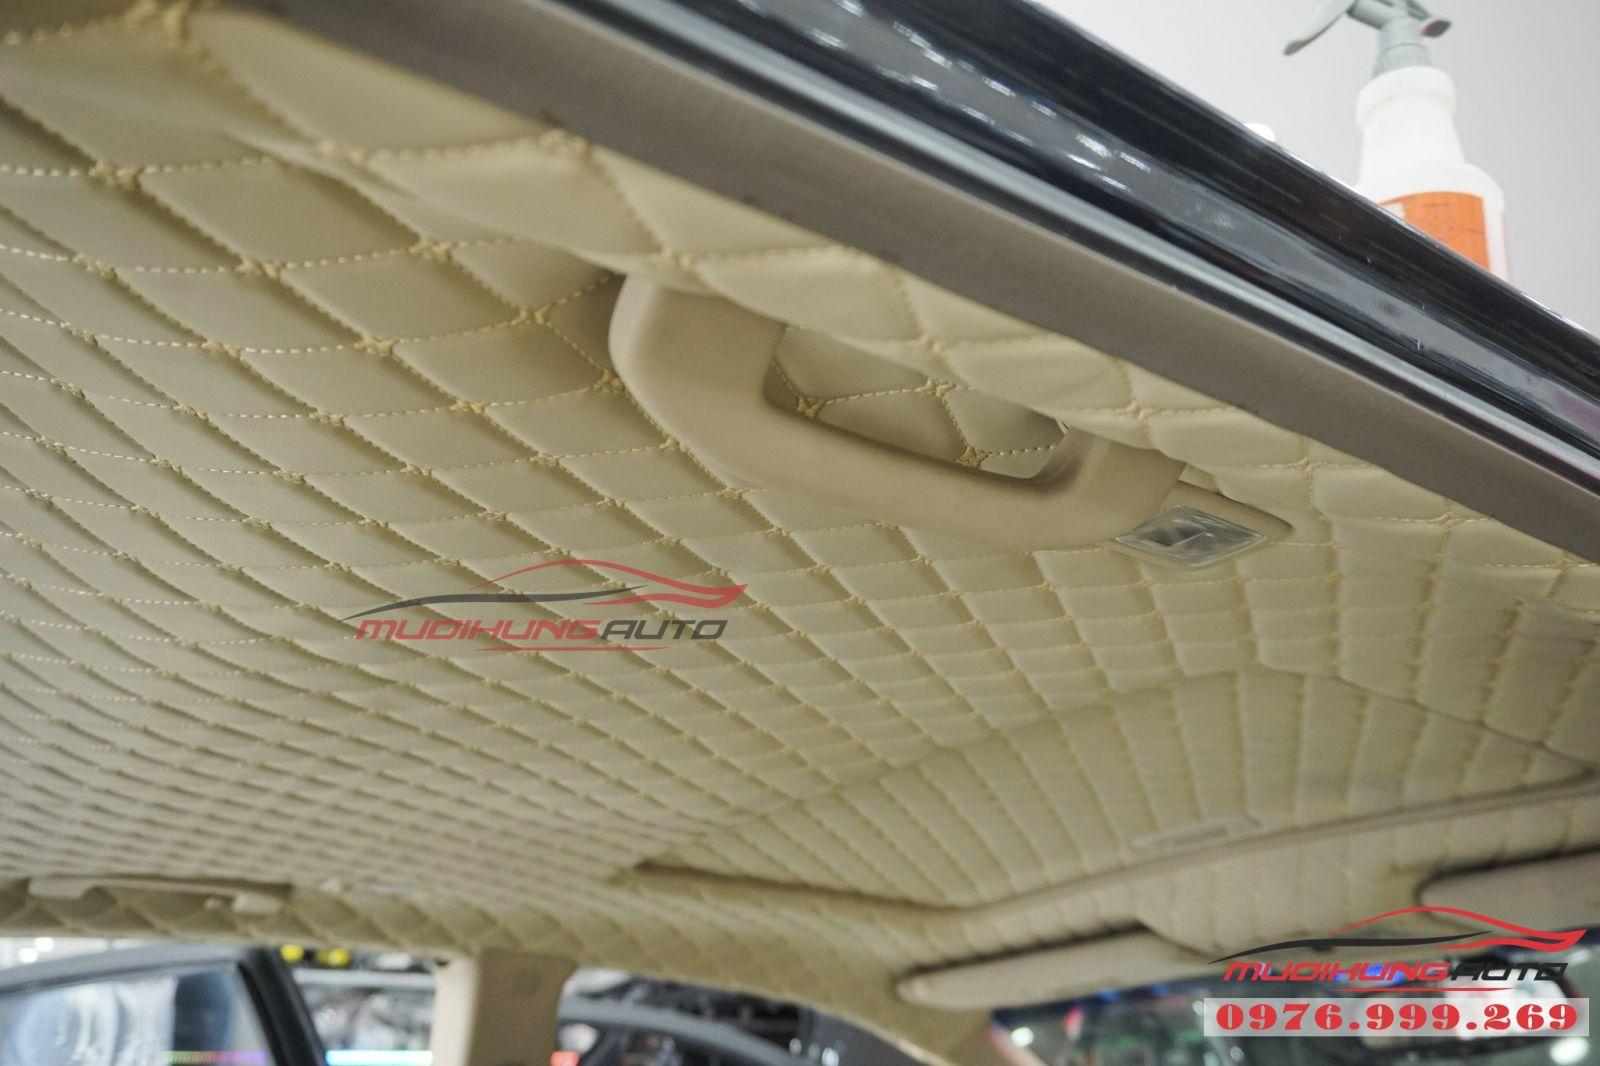 Nissan Murano bọc trần cao cấp tại TPHCM 03